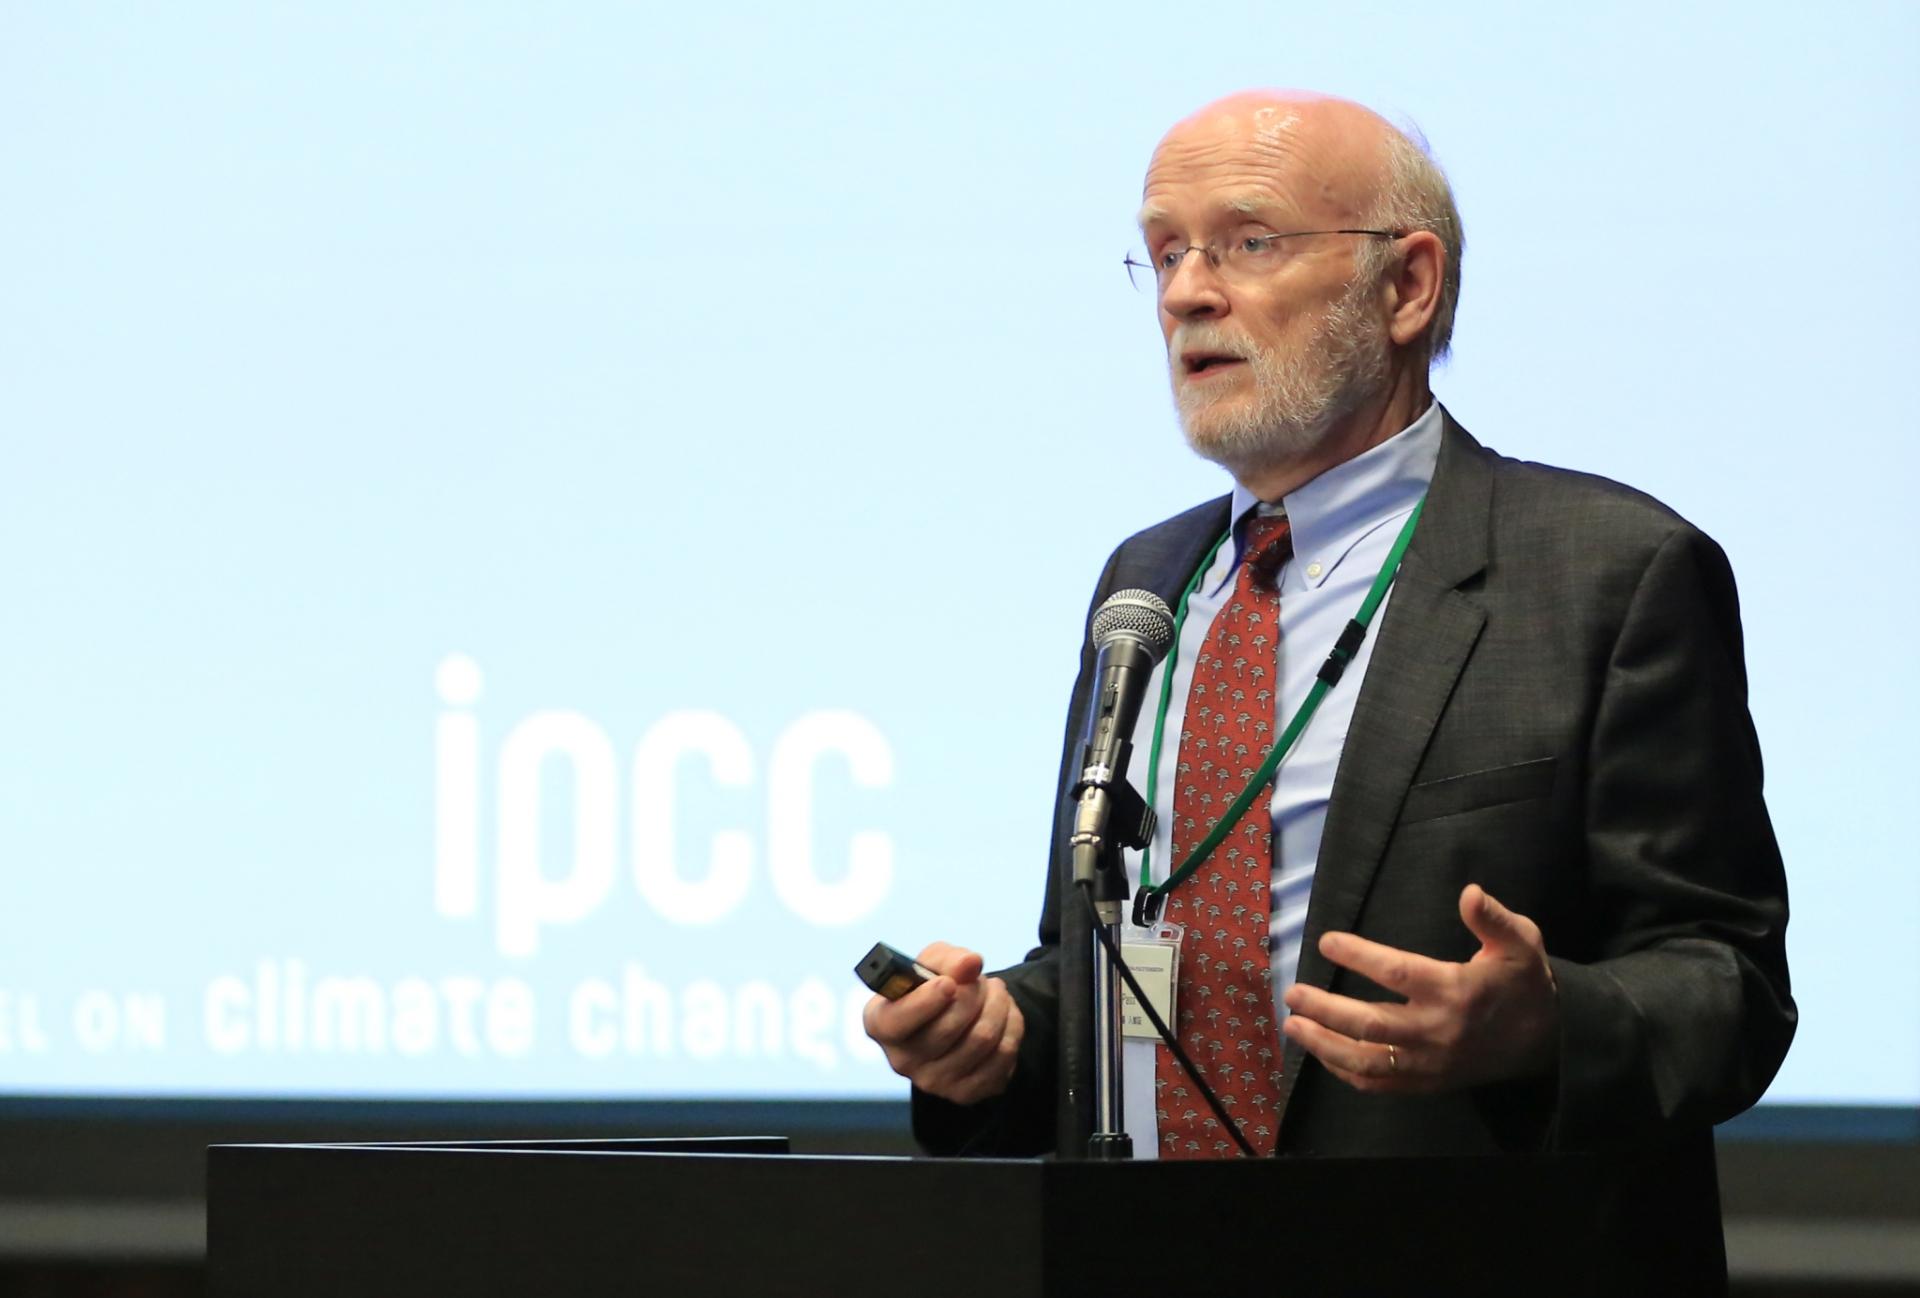 「気候変動に関する政府間パネル(IPCC)海洋・雪氷圏特別報告書(SROCC)公表記念シンポジウム」基調講演ほか